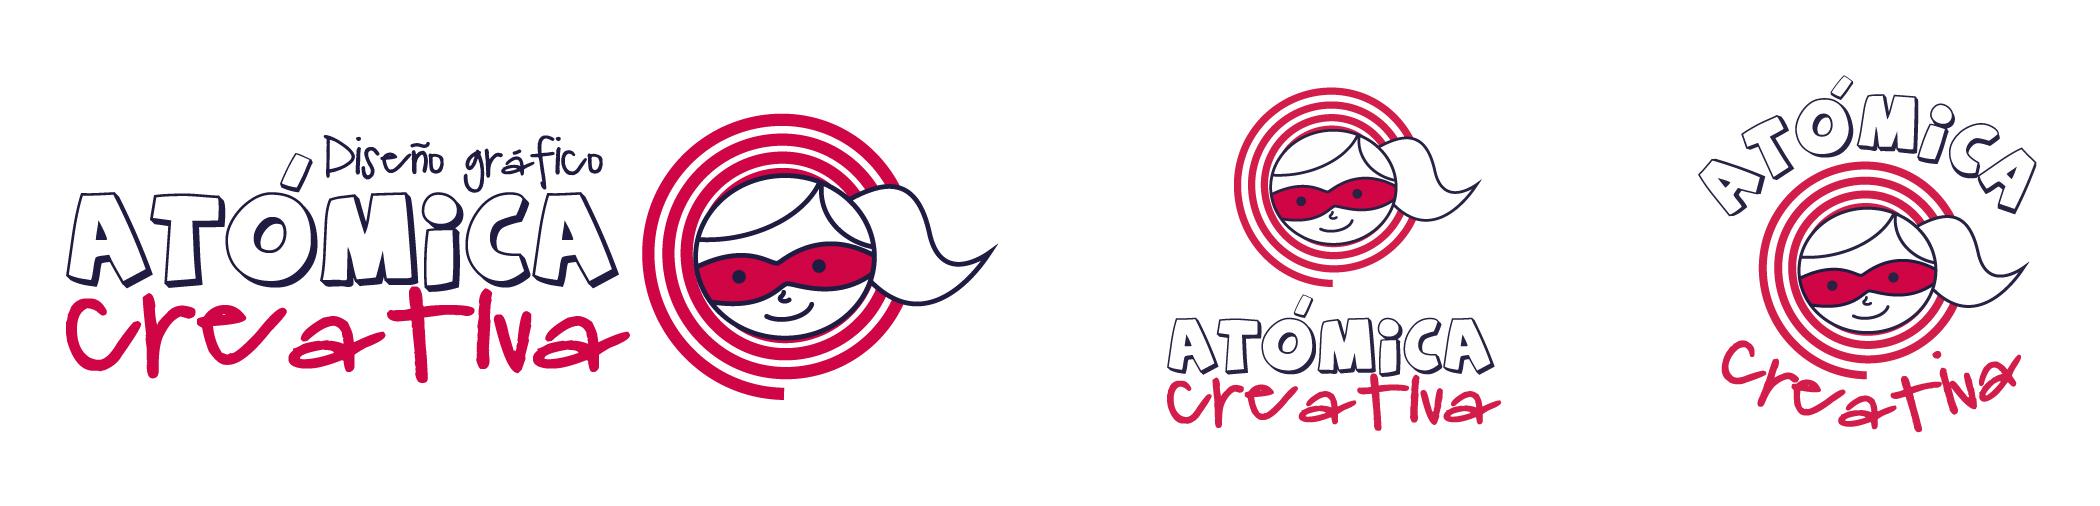 atomica-creativa-todos-logos